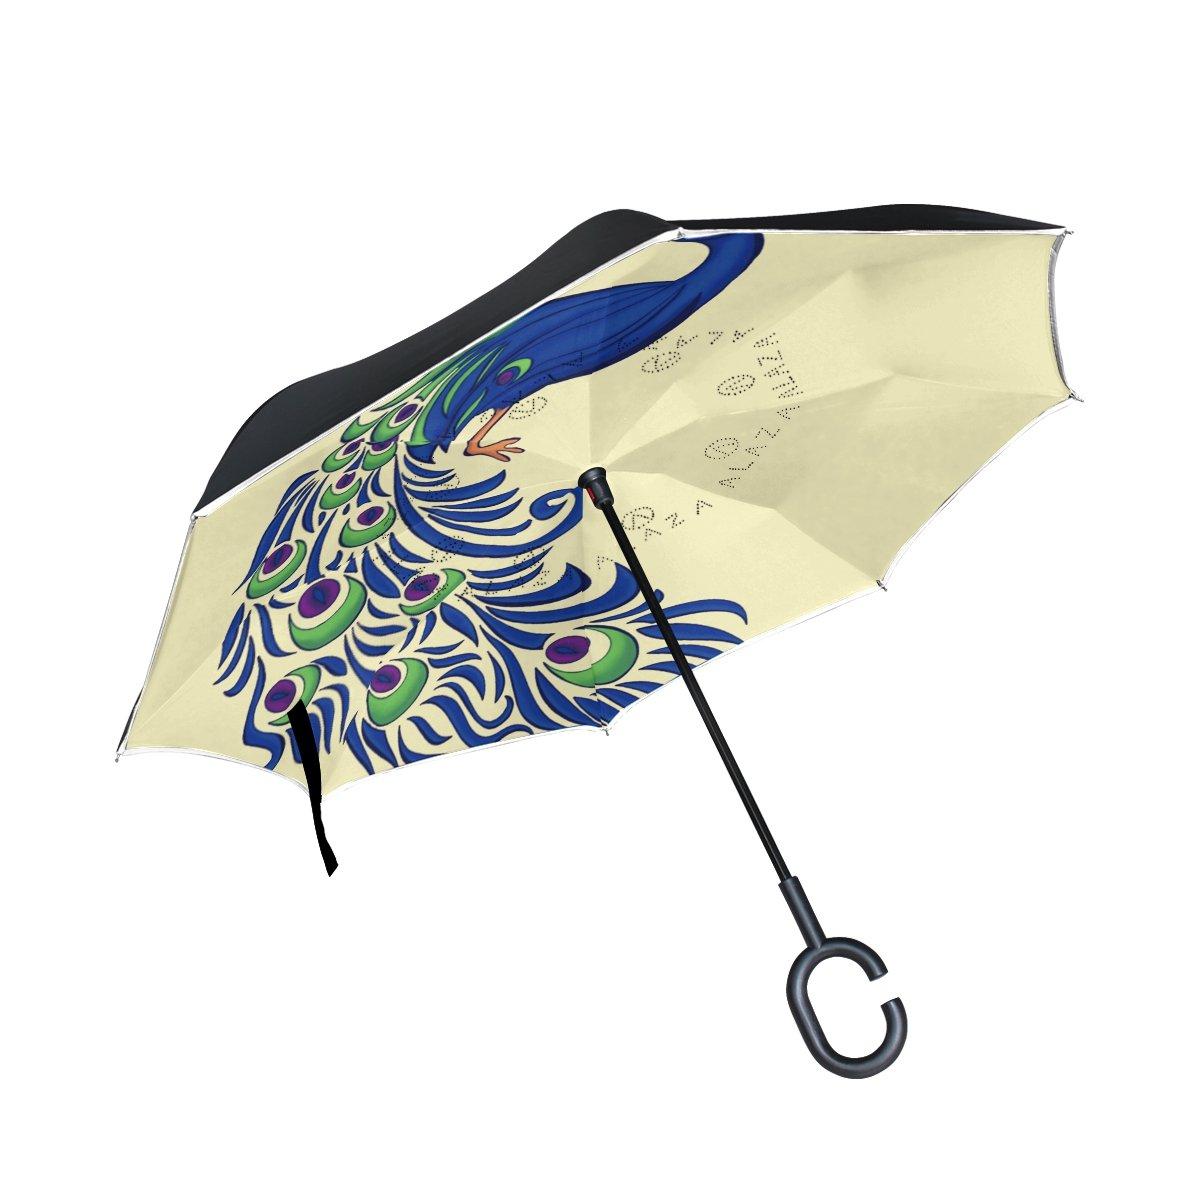 FOLPPLY inversé Parapluie Mignon Caméléon, Double Couche Envers Parapluie pour Voiture Pluie étanche d'extérieur avec Poignée en Forme de C